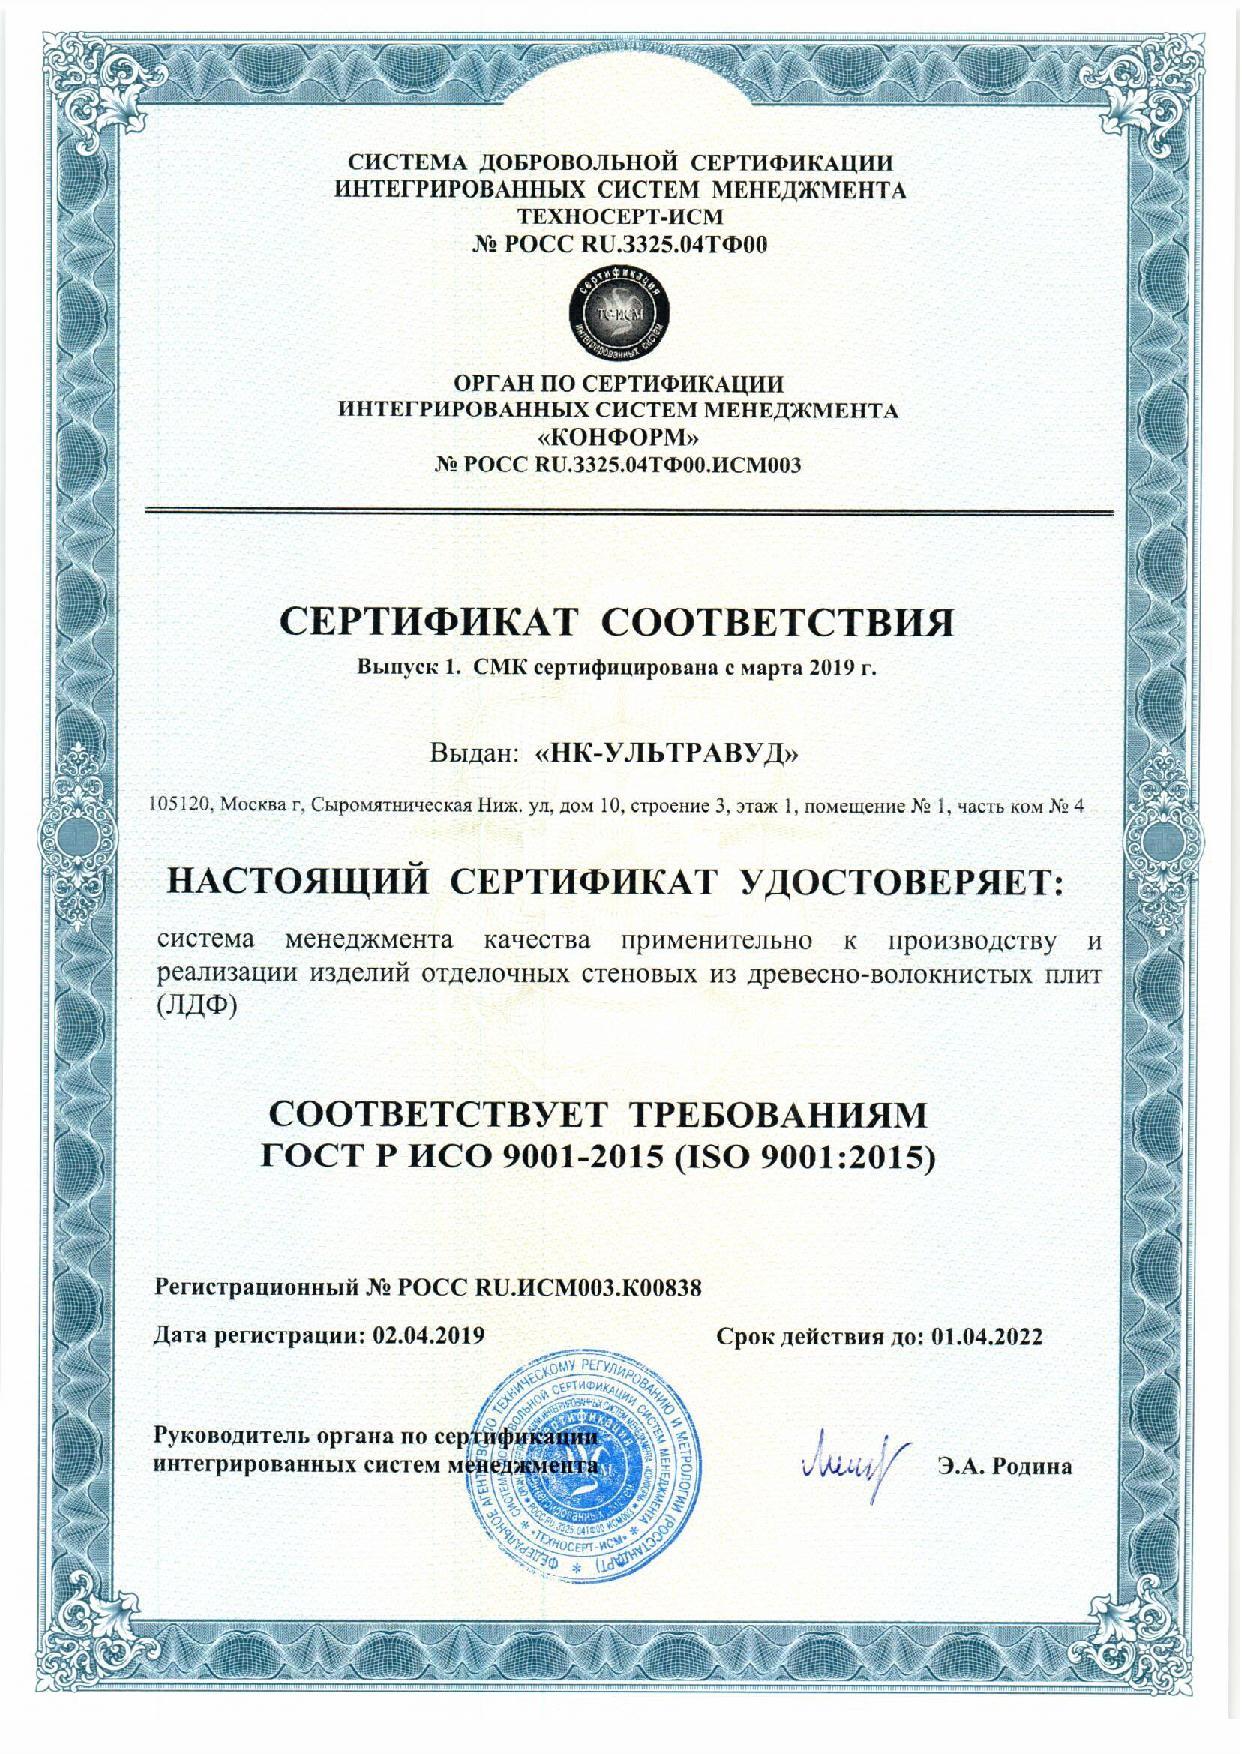 Сертификат_соответствия_2019-2022